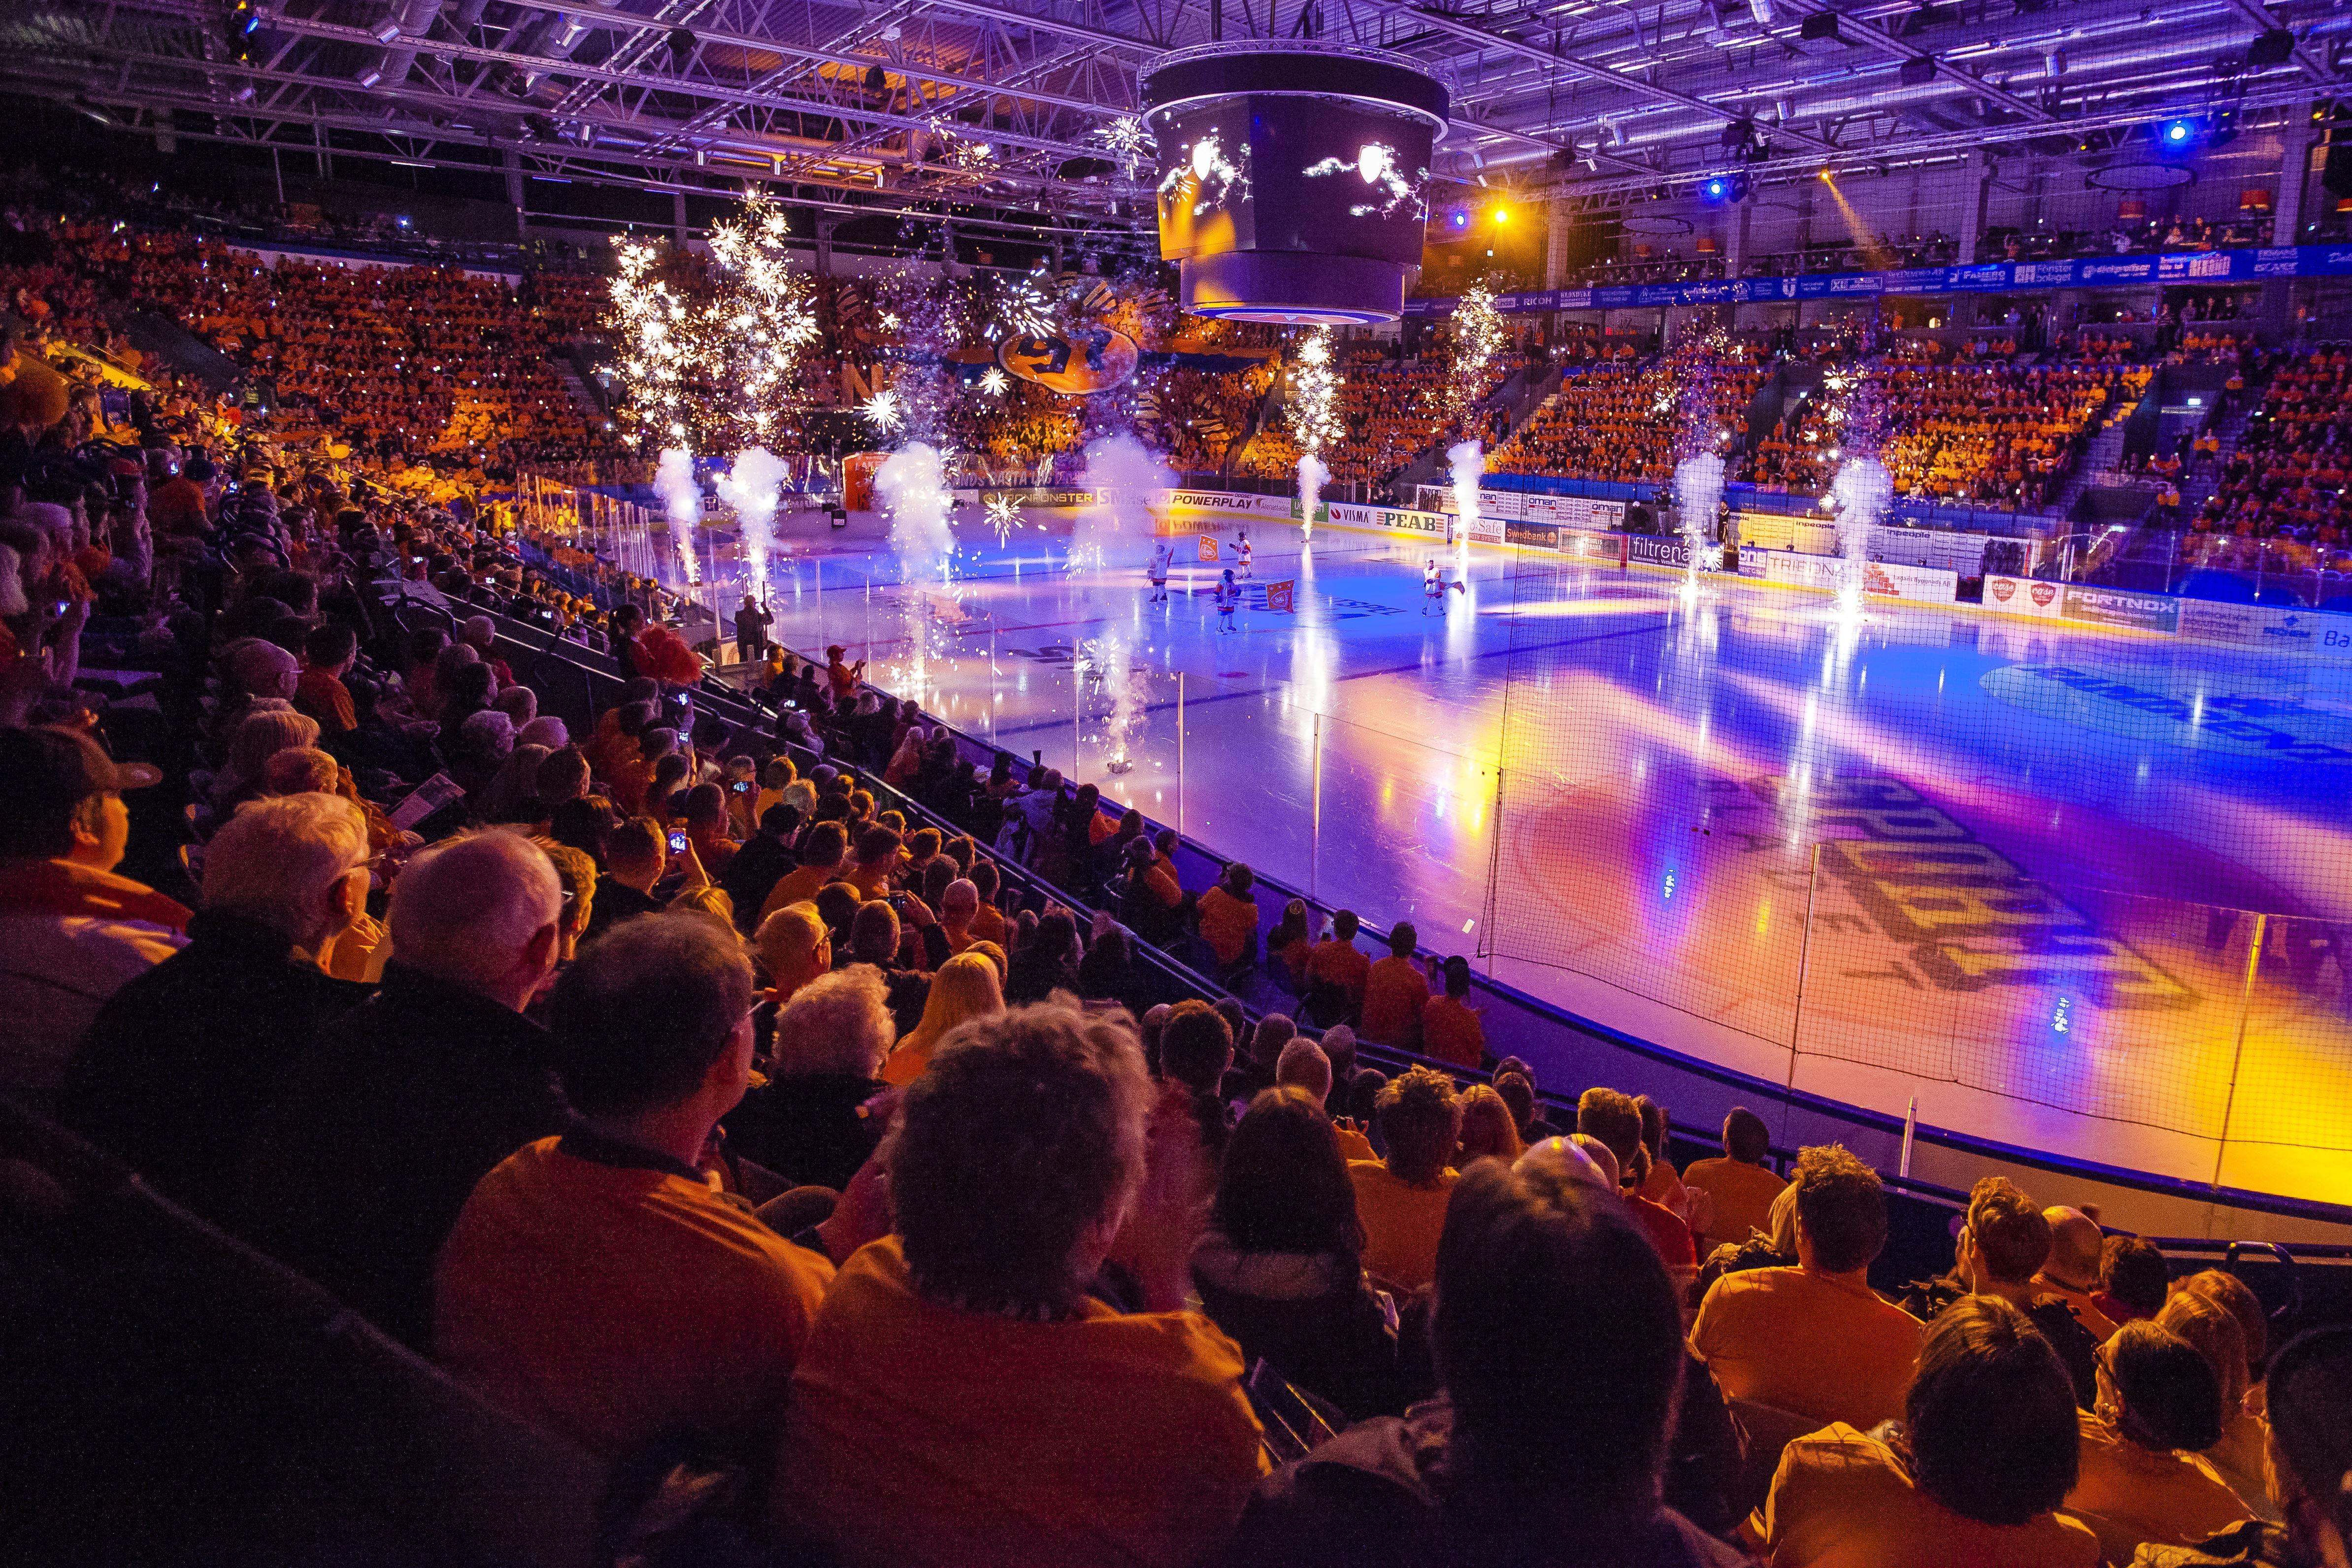 Ishockey: Växjö Lakers - Malmö Redhawks